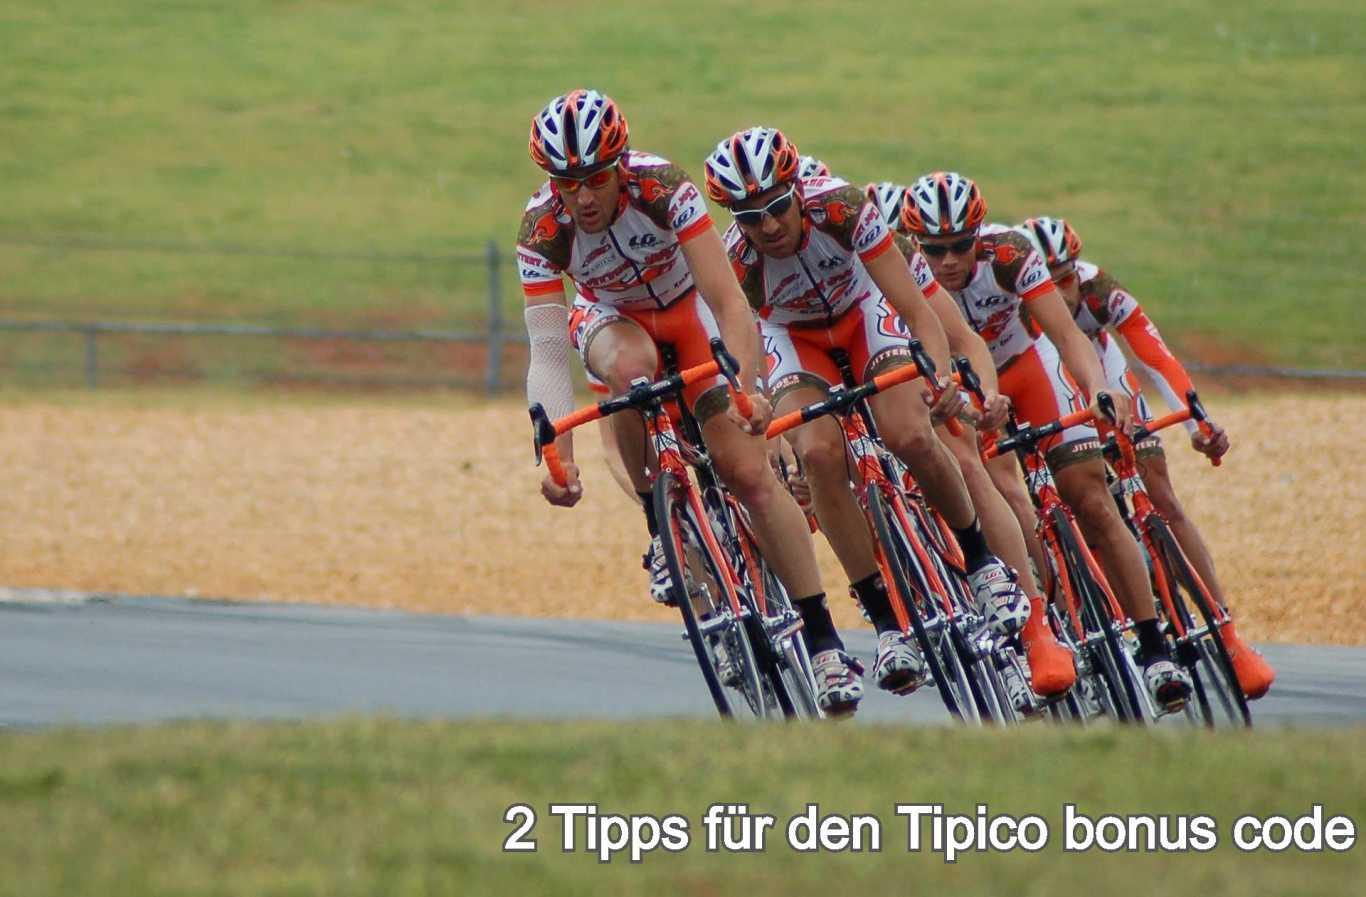 2 Tipps für den Tipico bonus code